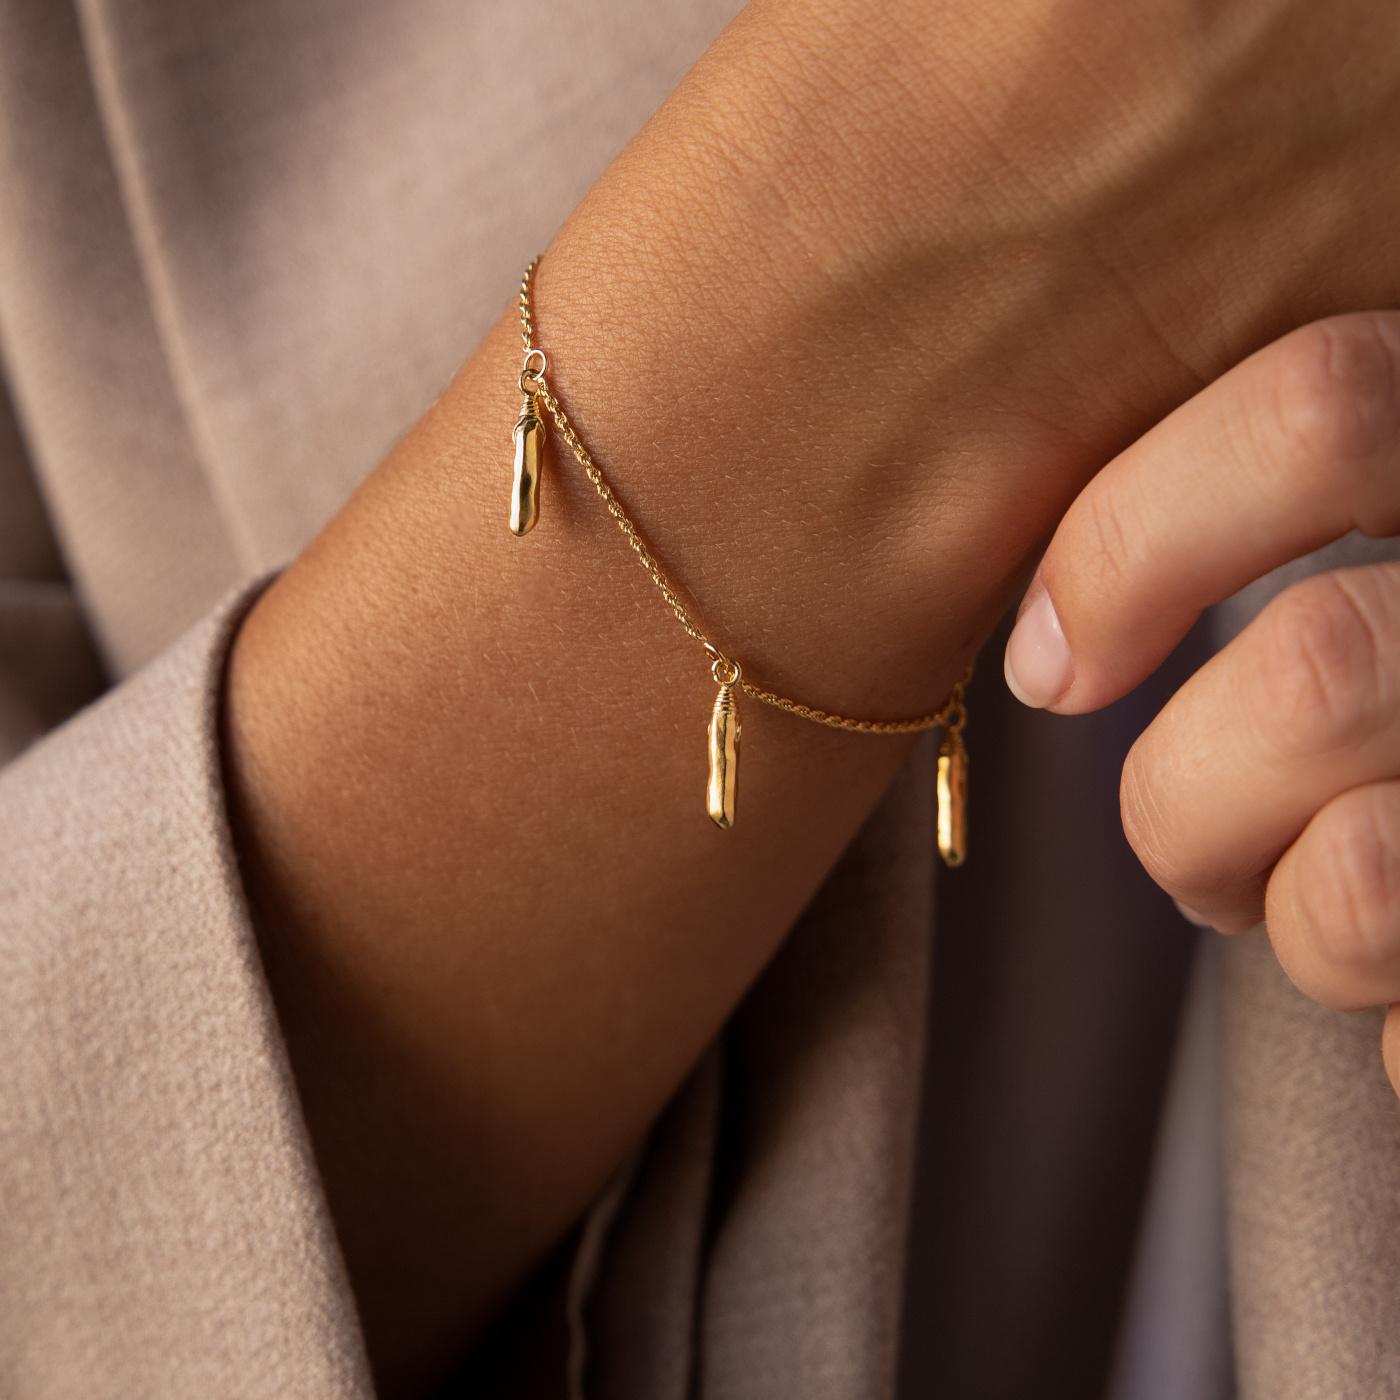 Violet Hamden Sisterhood Mona bracelet couleur or en argent sterling 925